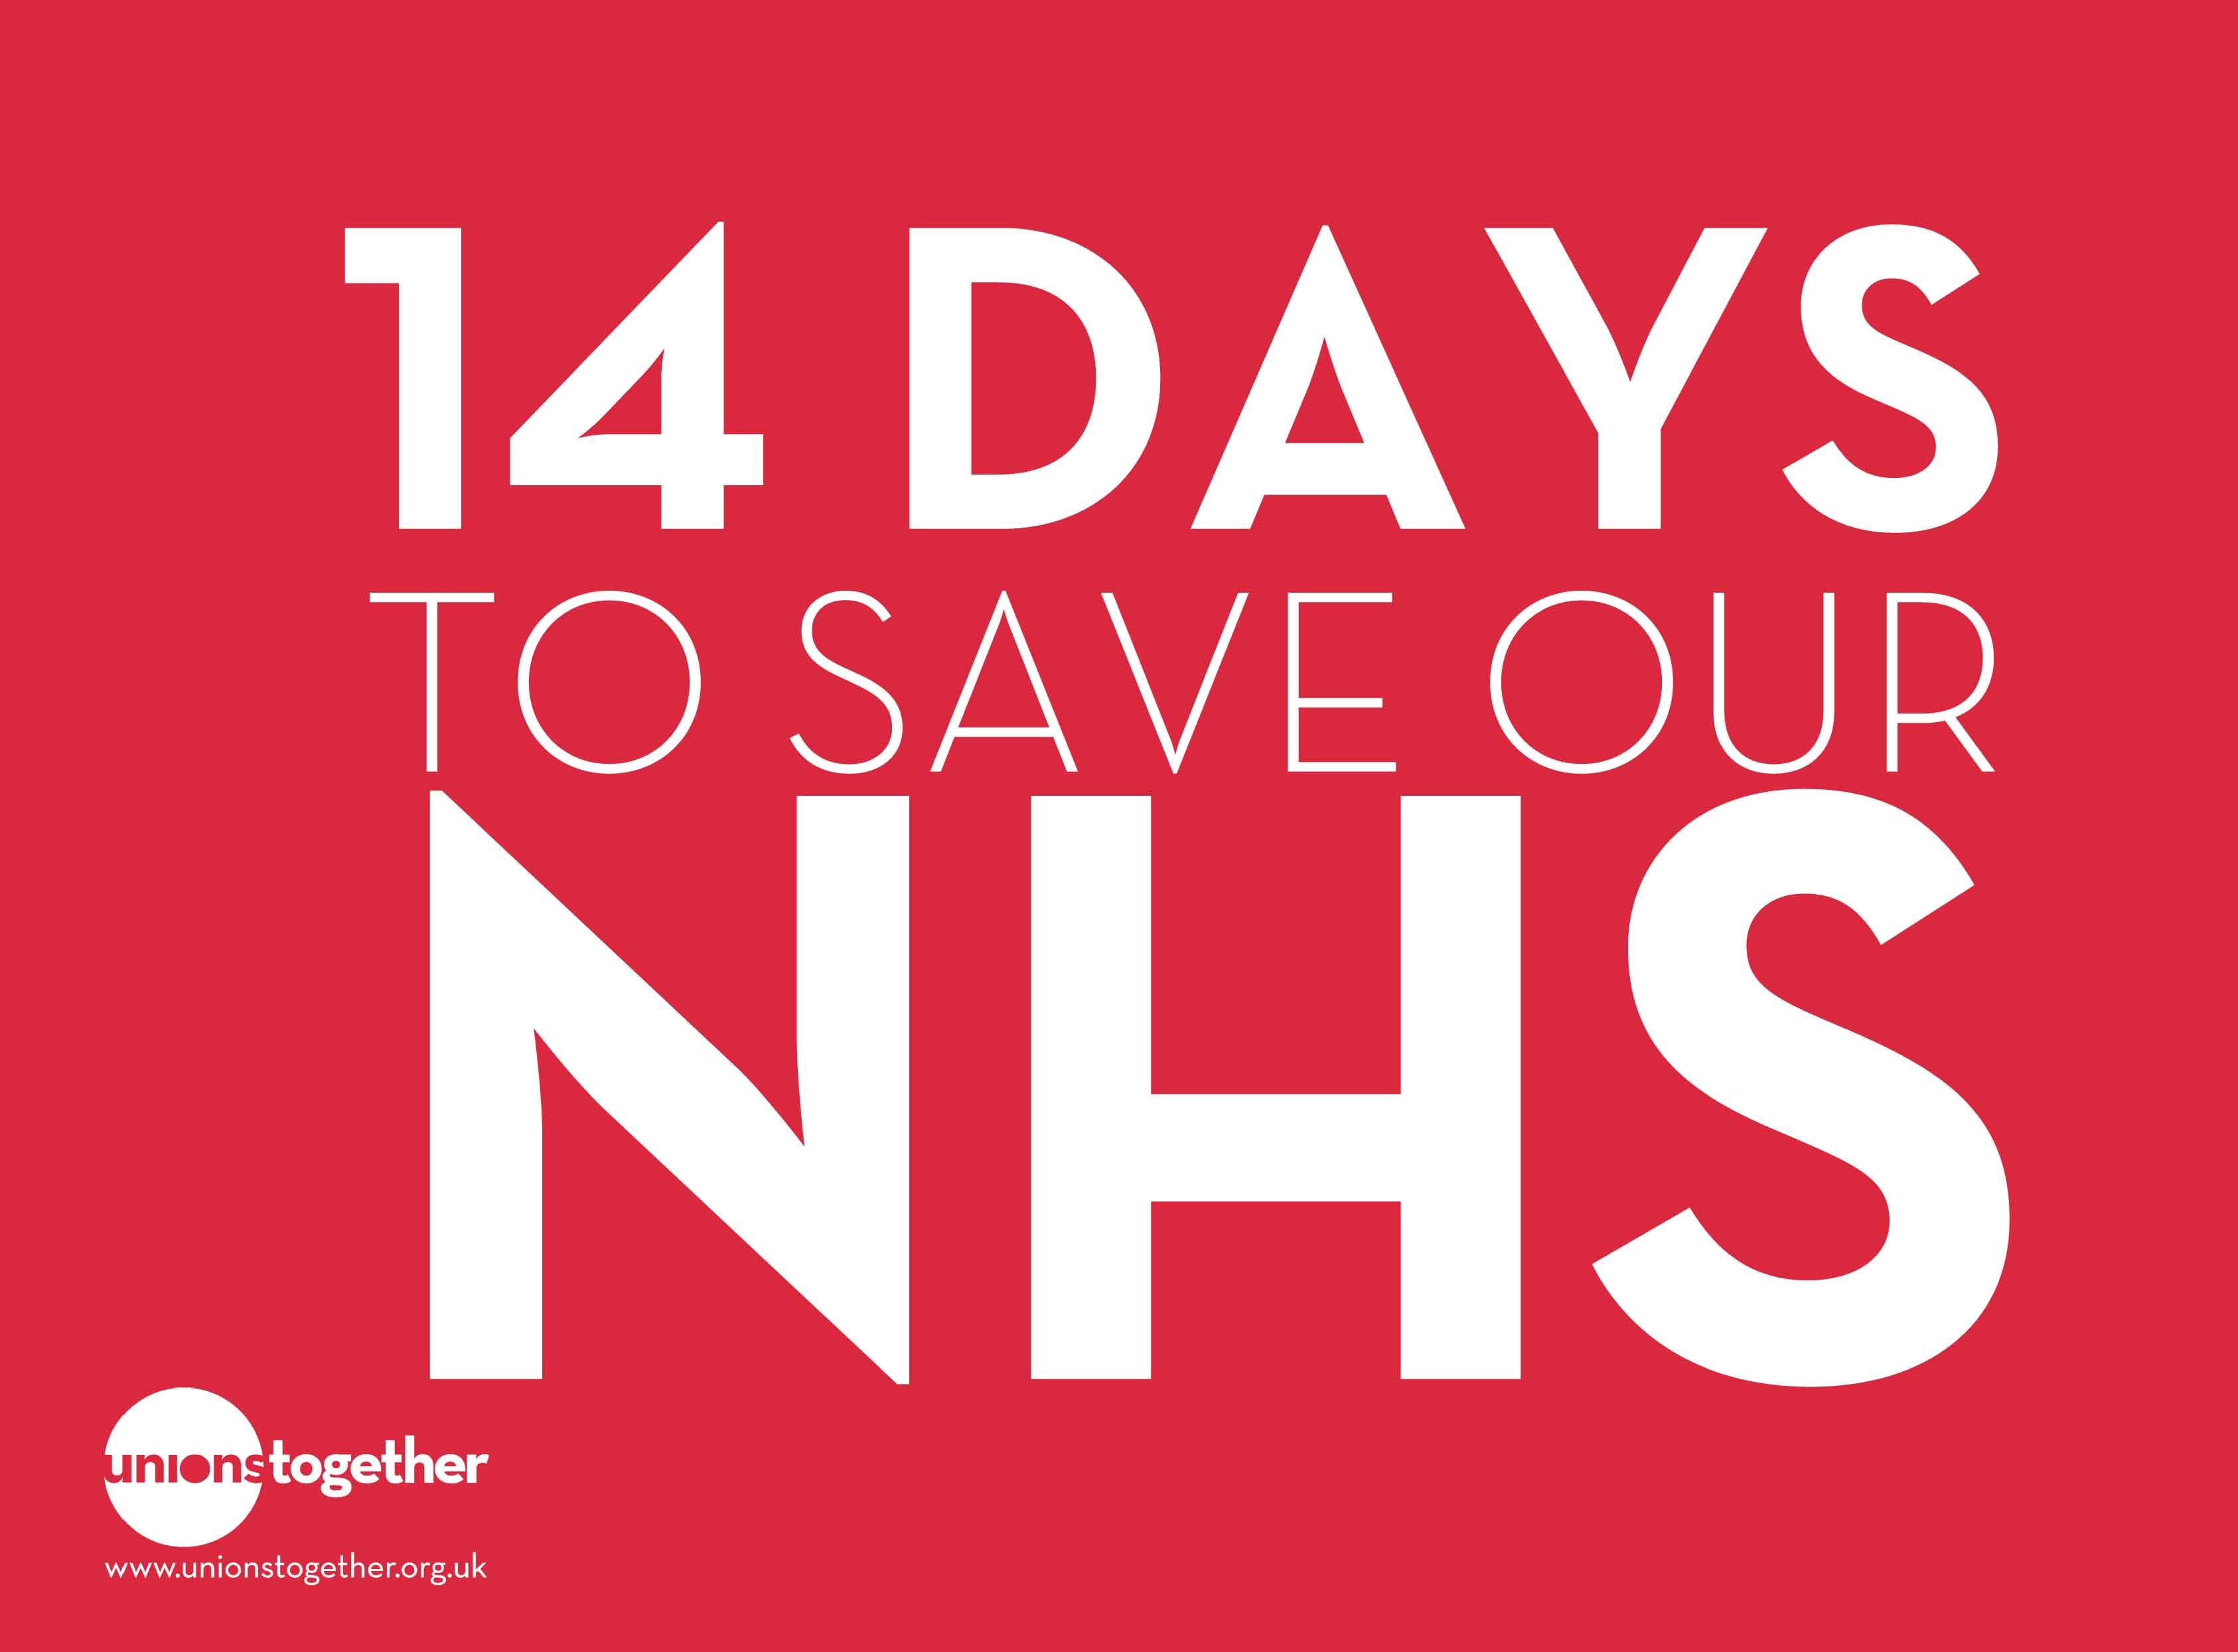 NHS_branding.jpg